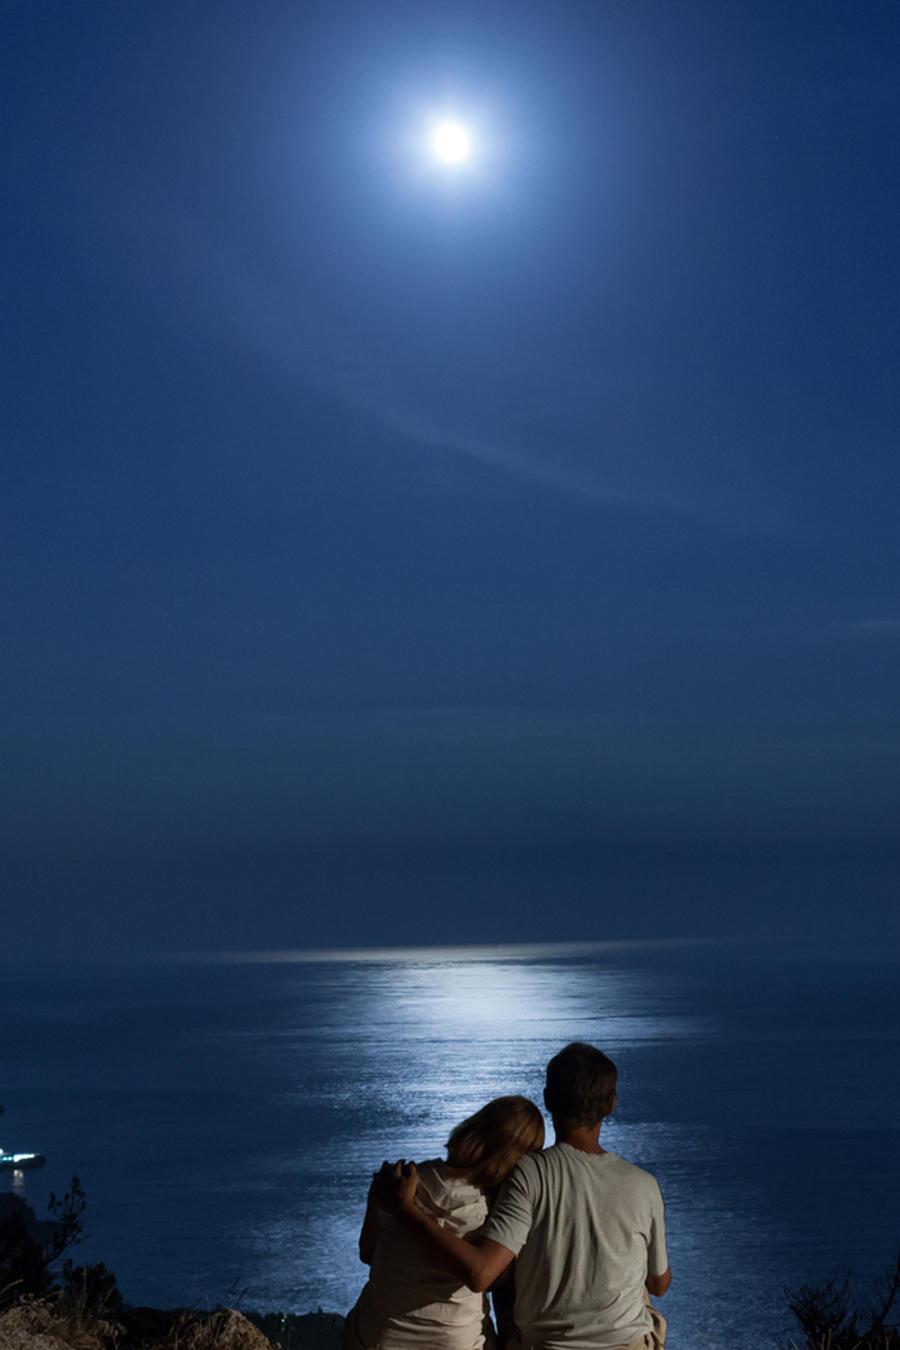 Campamento, pareja y luna